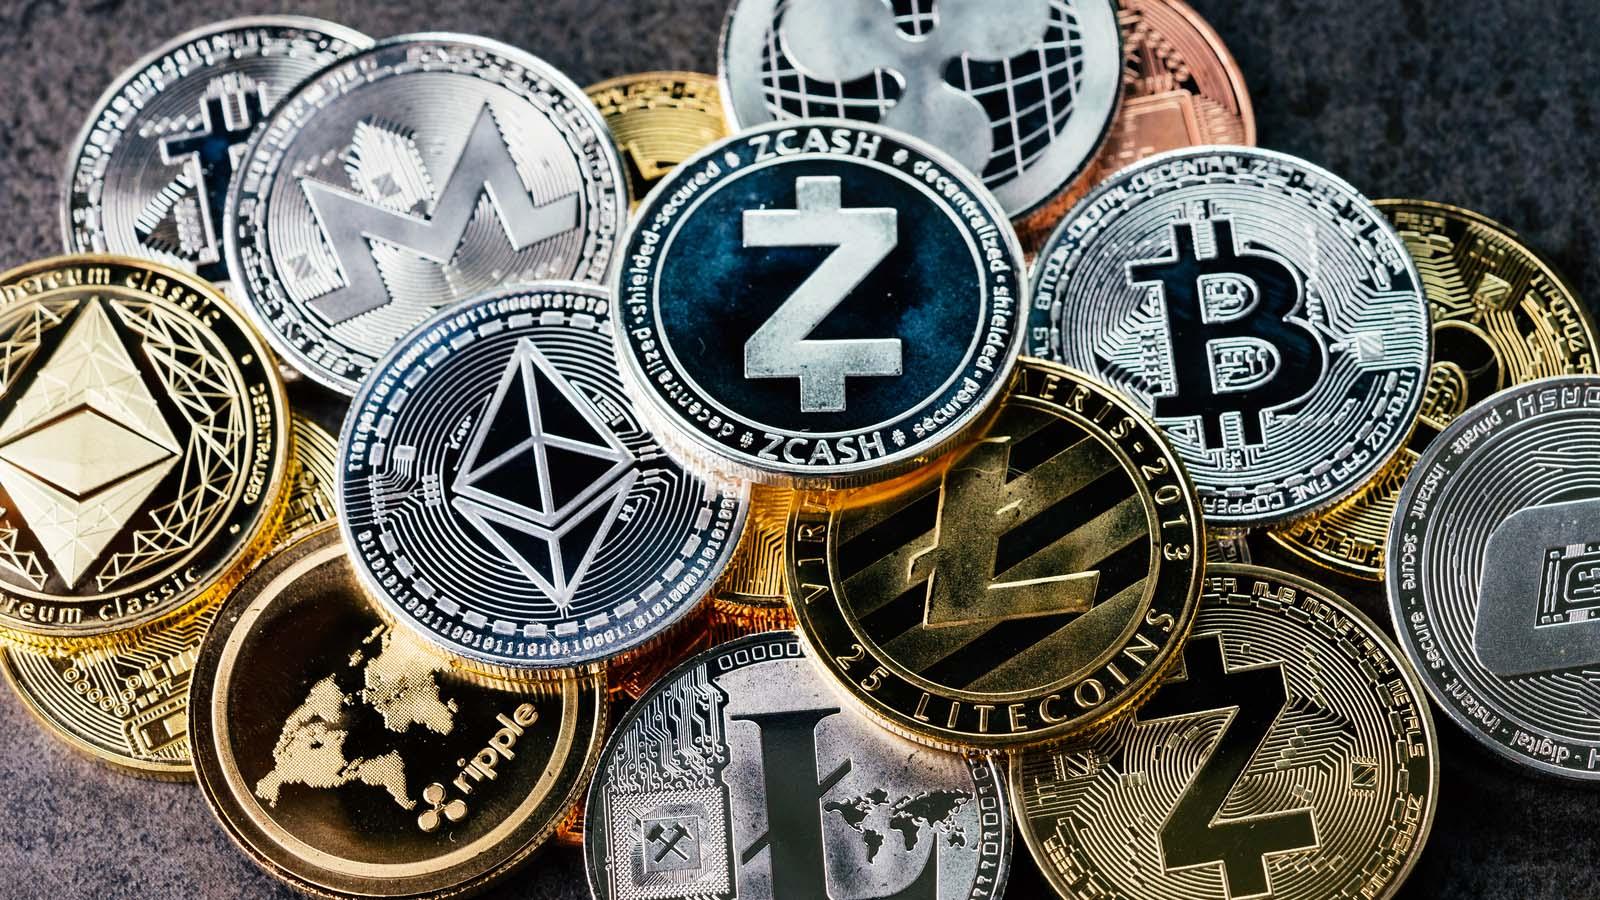 Kripto Paraların Geleceği, OkuGit.Com - Tarih, Güncel, Kadın, Sağlık, Moda Bilgileri Genel Bloğu